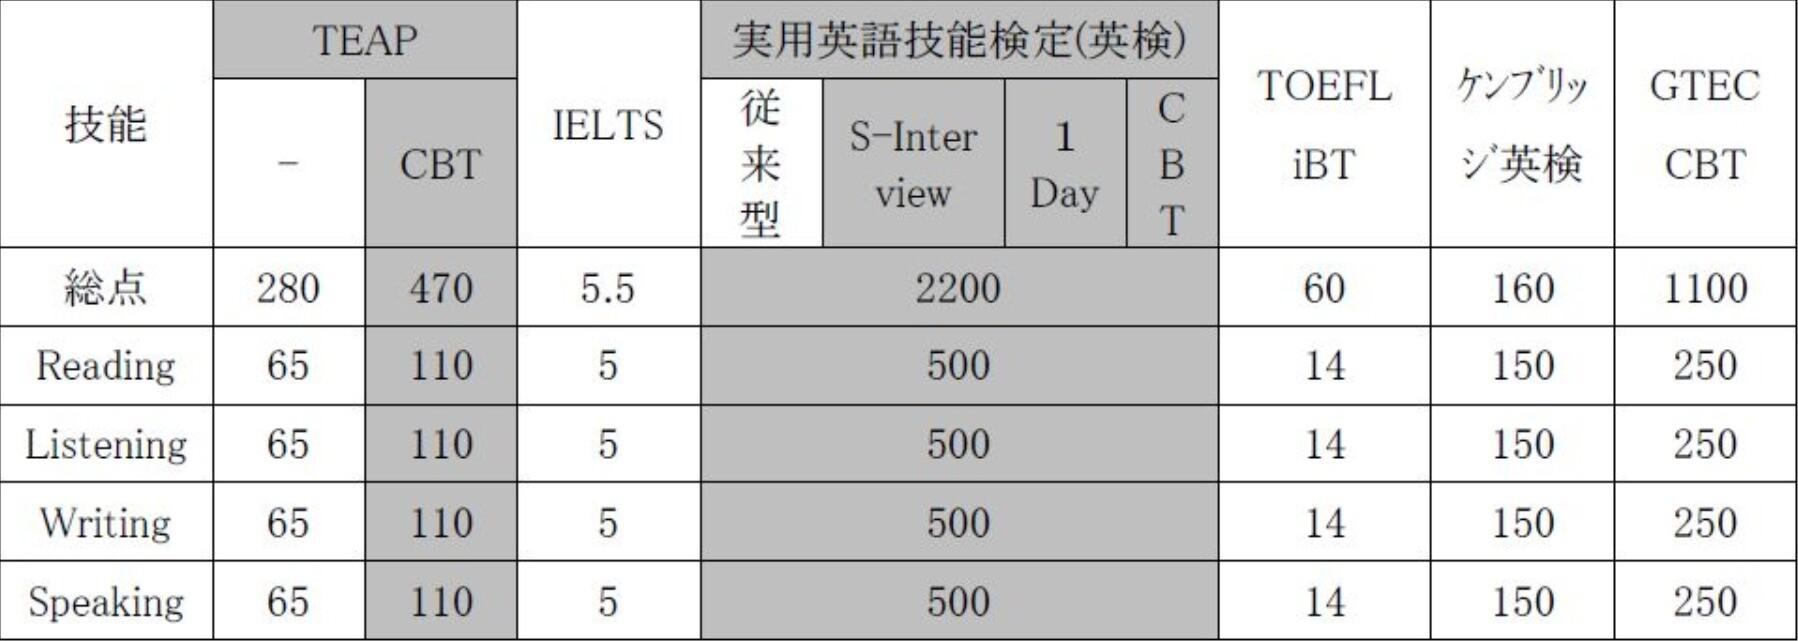 2020年度早稲田大学文化構想学部の基準スコア